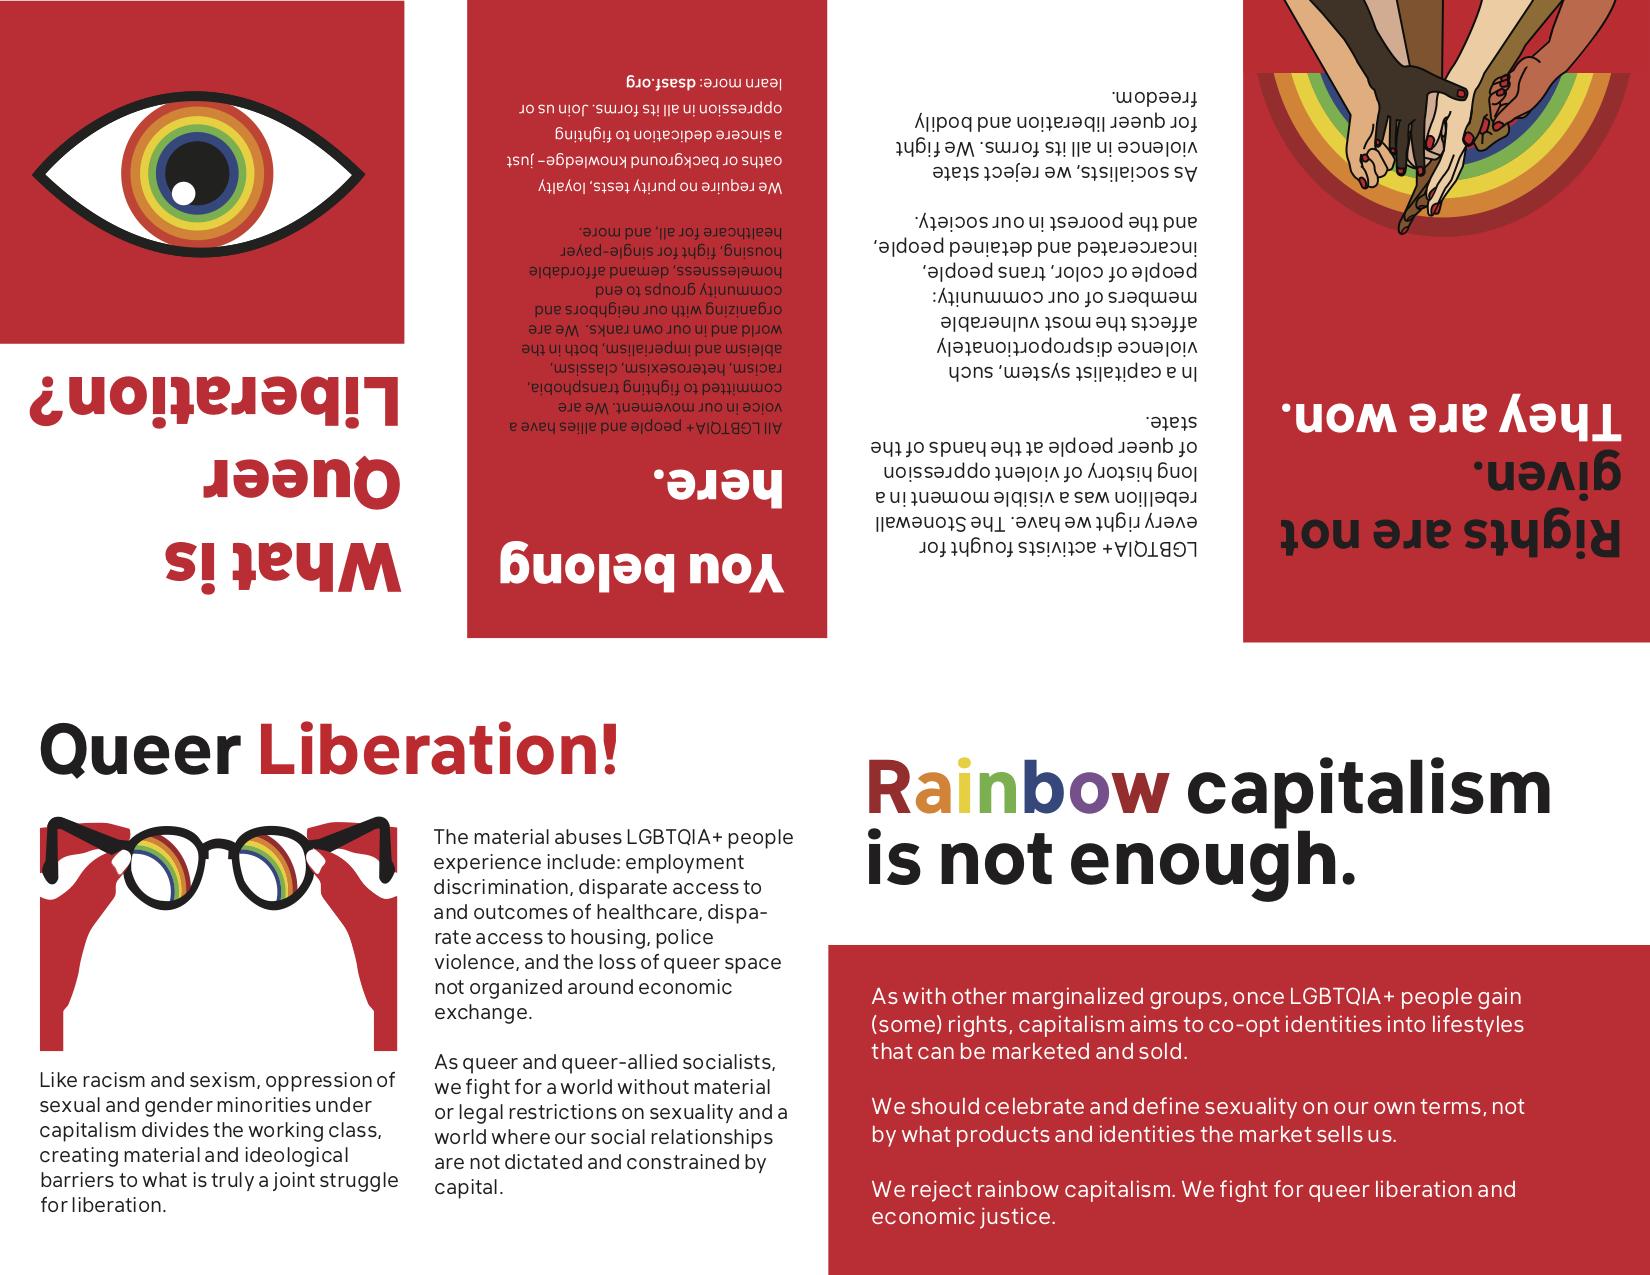 zine-socialist-pridev3.jpg